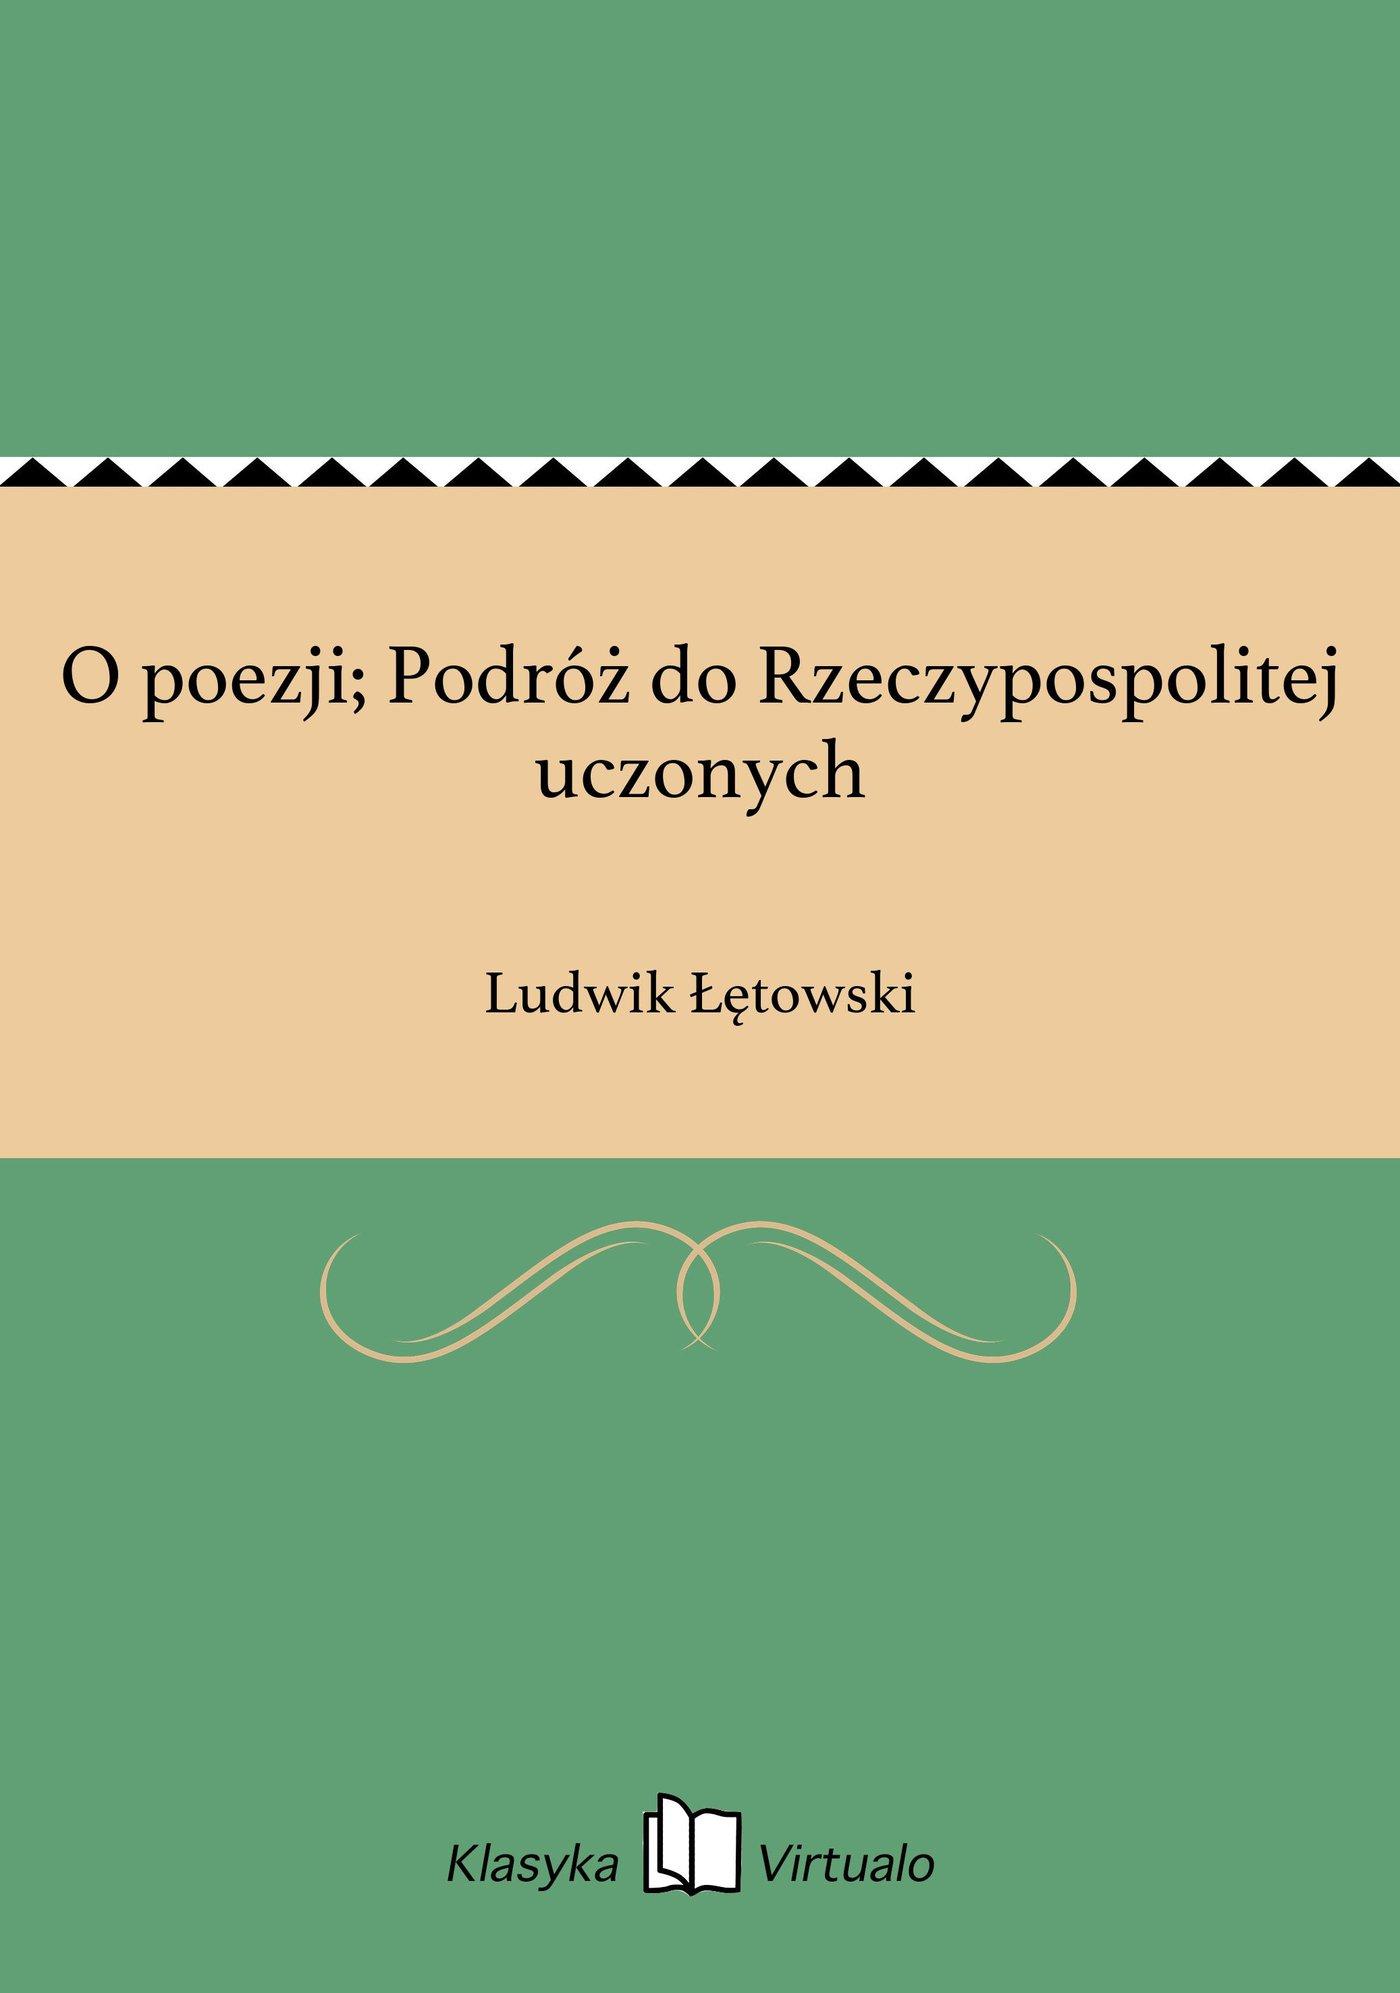 O poezji; Podróż do Rzeczypospolitej uczonych - Ebook (Książka EPUB) do pobrania w formacie EPUB